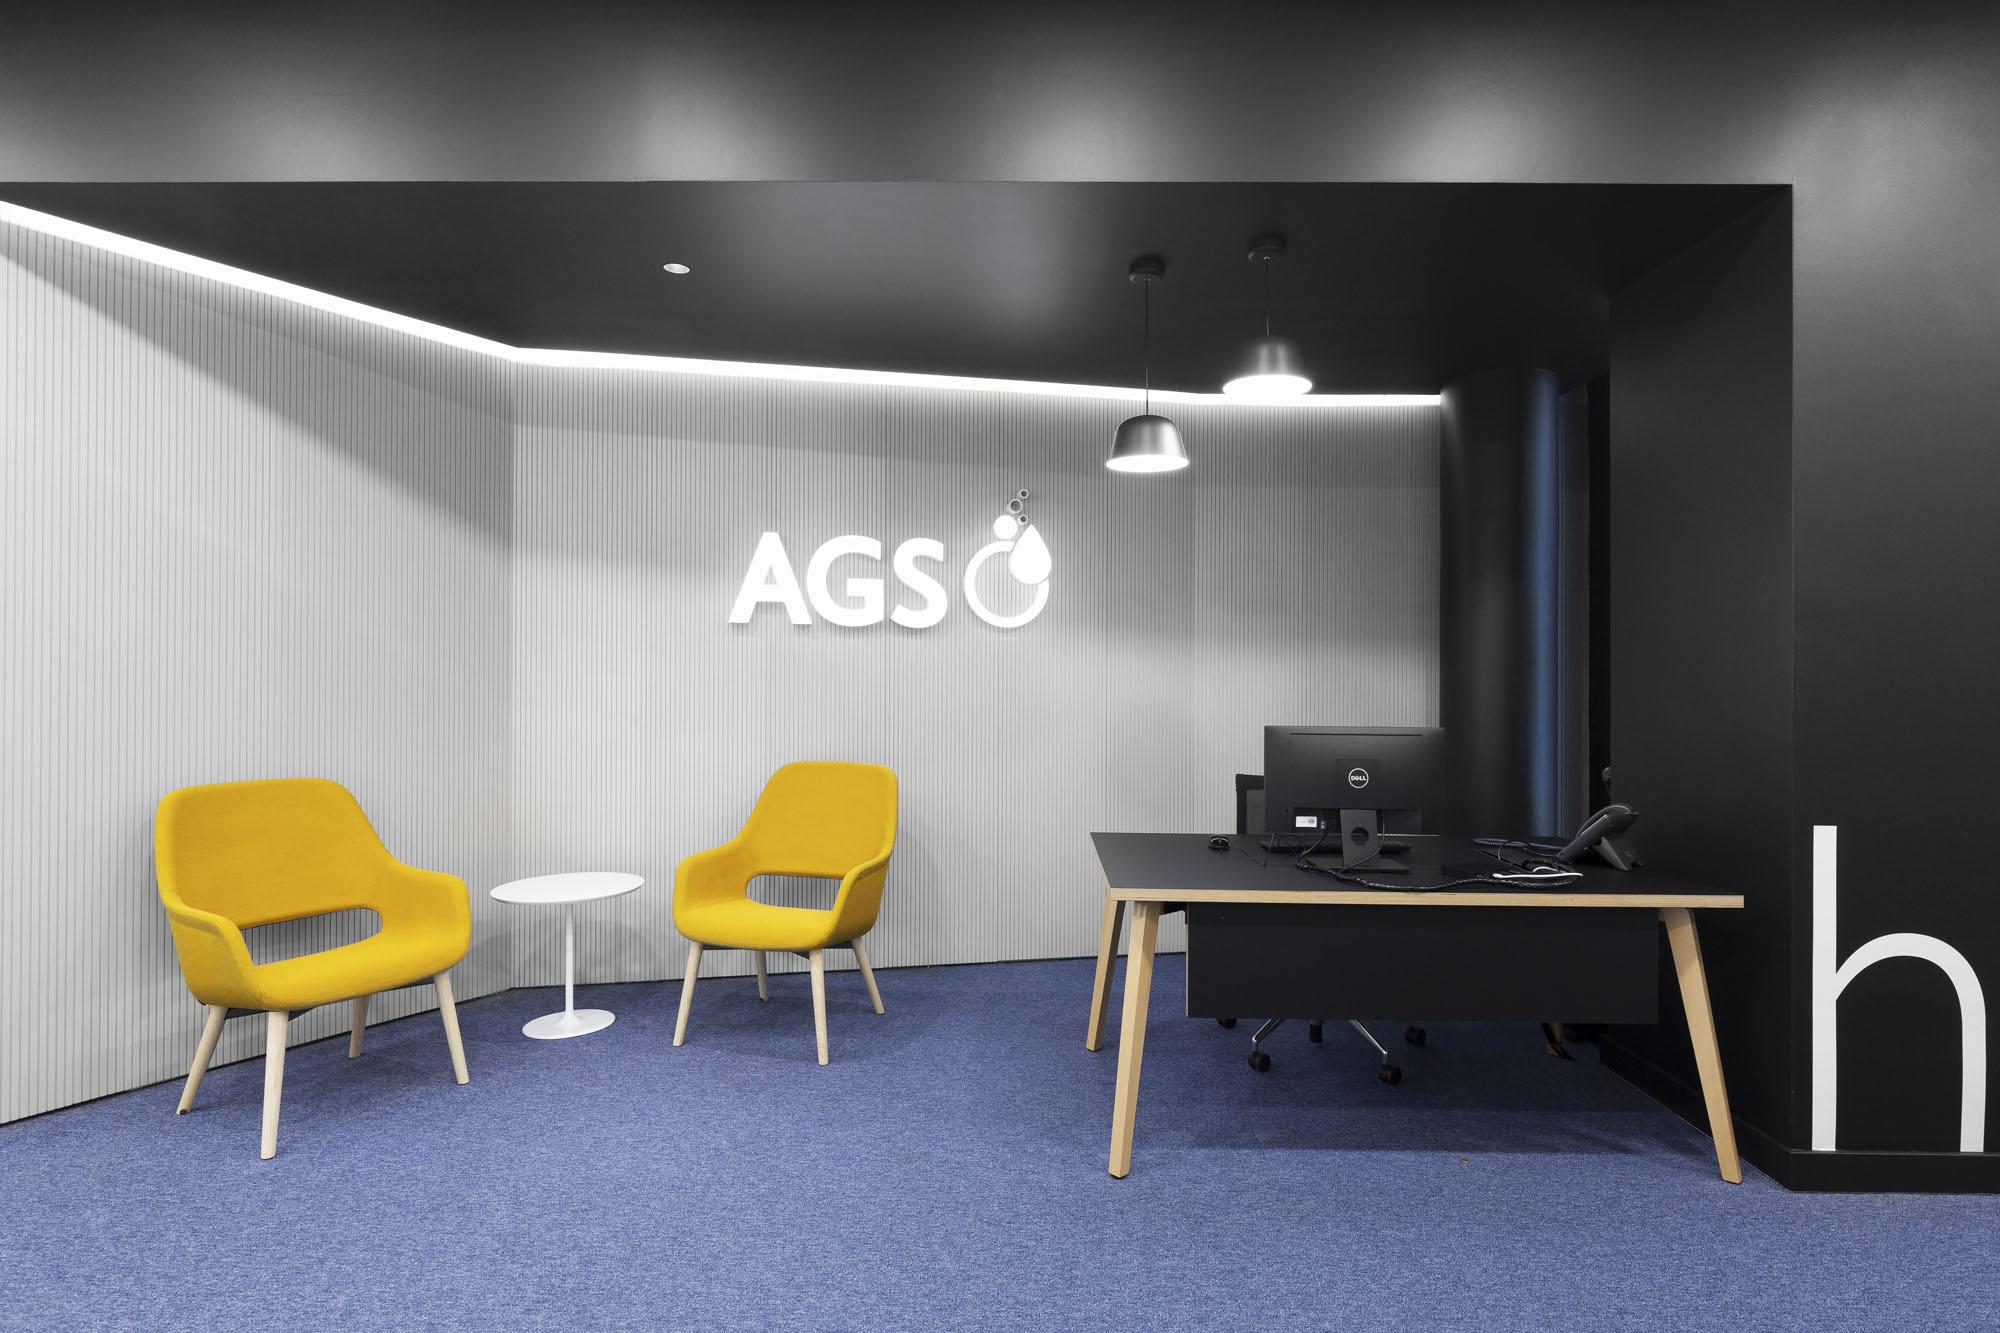 AGS_20190806_0001copy.jpg